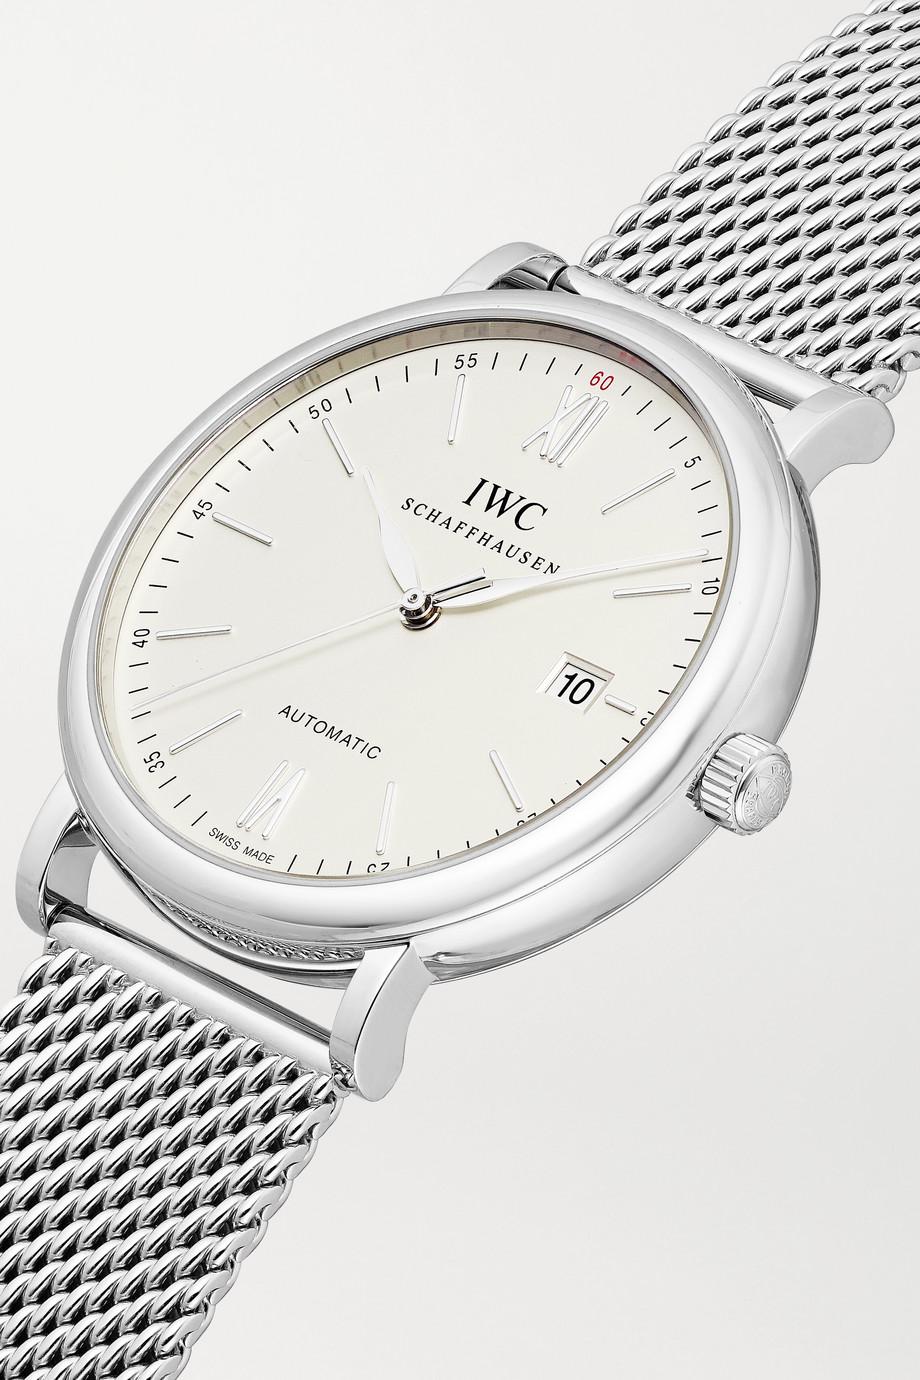 IWC SCHAFFHAUSEN Portofino Automatic 40 mm Uhr aus Edelstahl